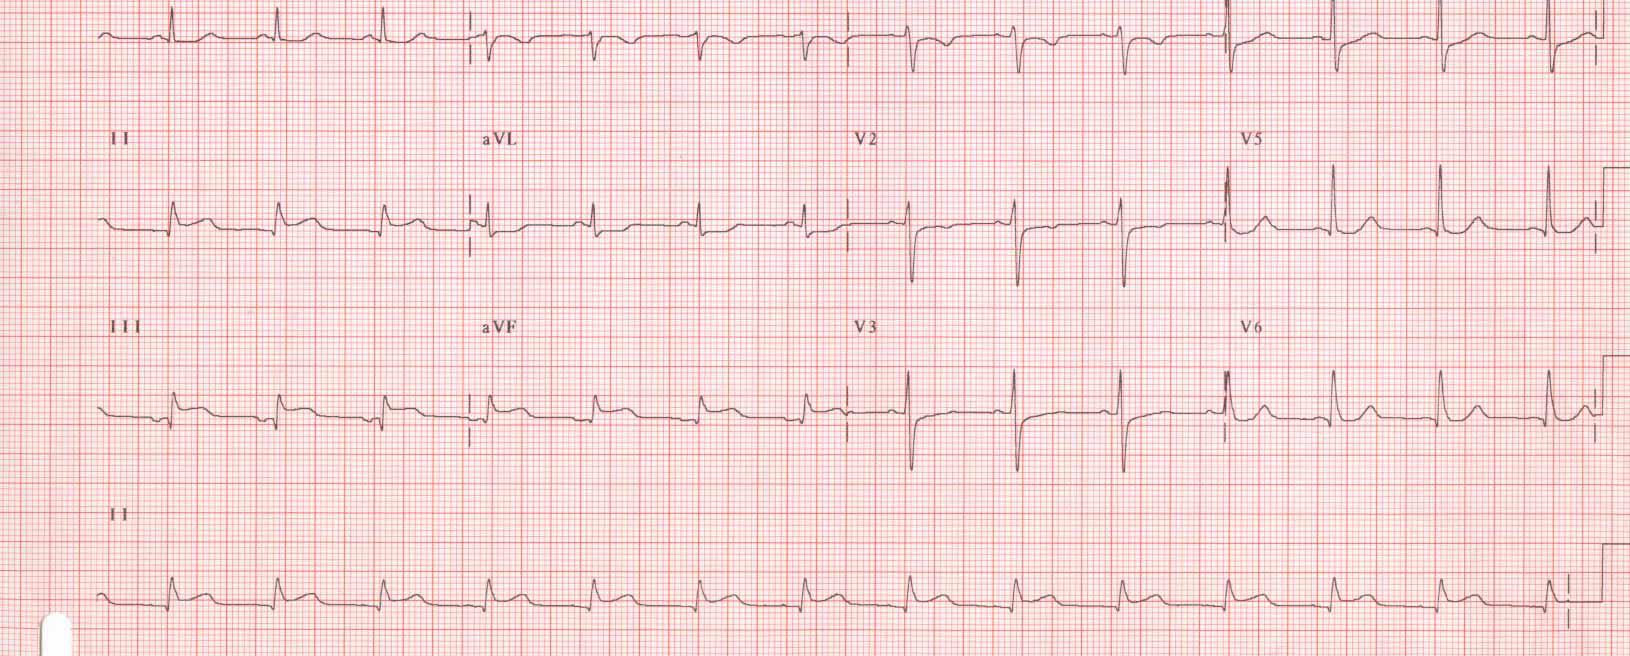 Infarto agudo del miocardio: El ABC del diagnóstico y tratamiento en urgencias